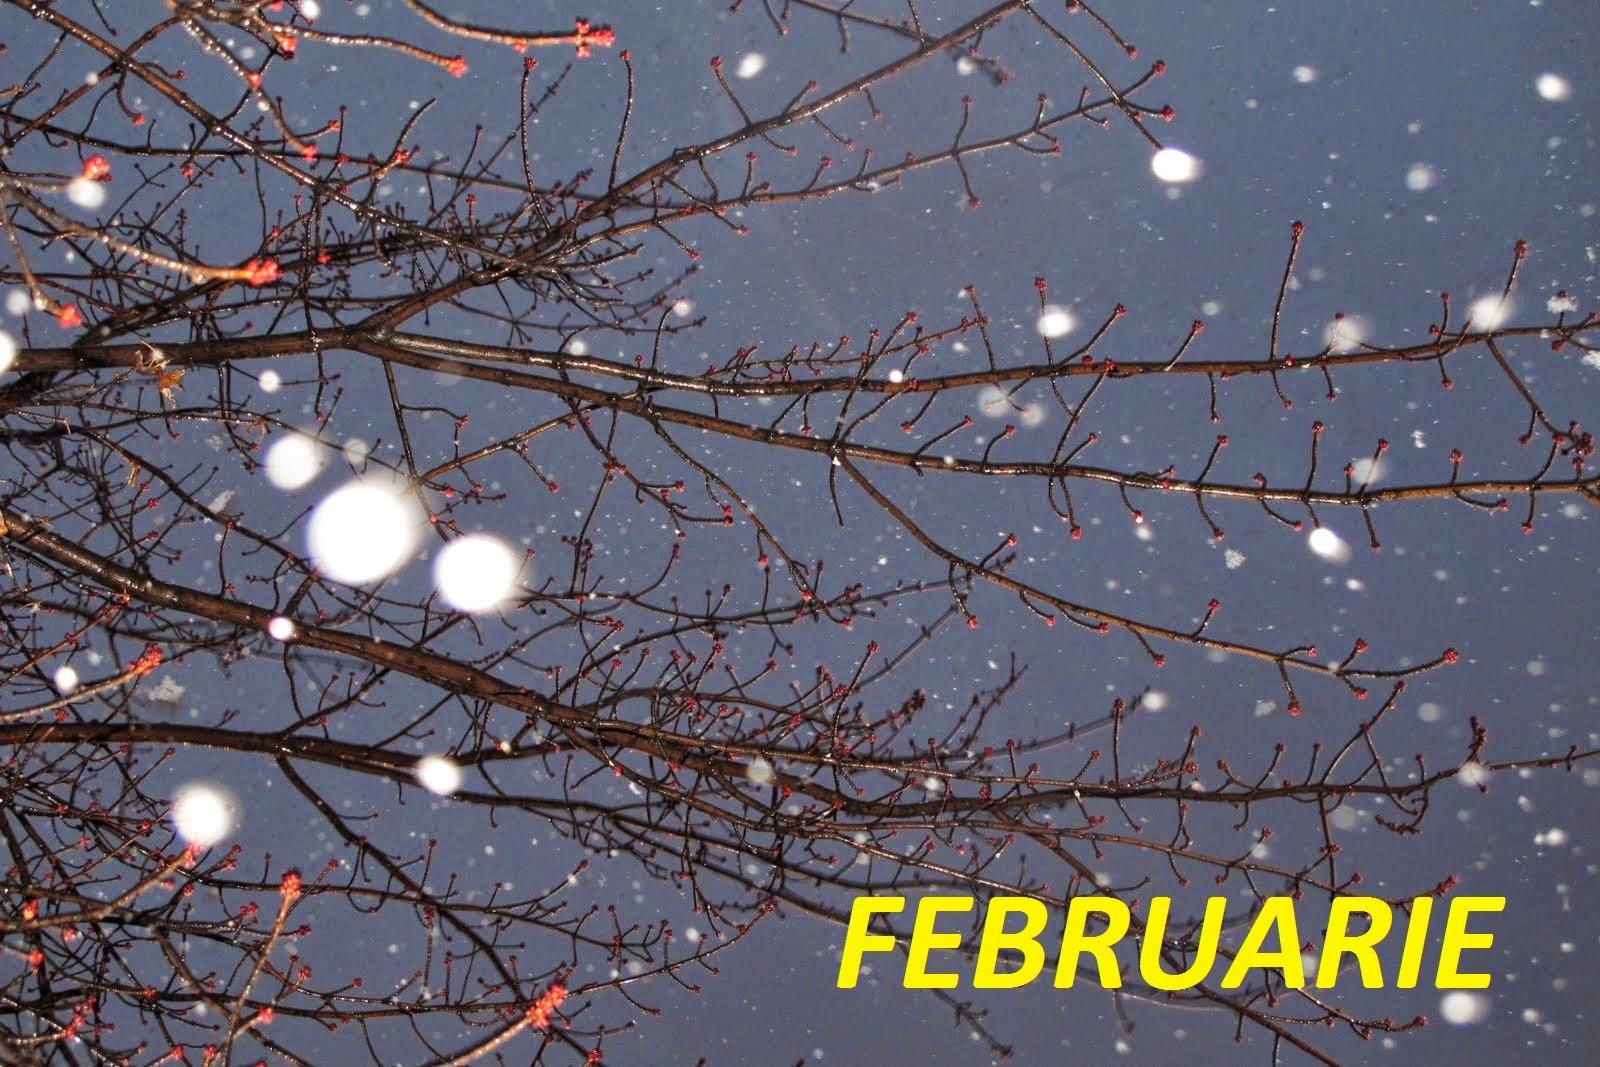 Astrologie horoscop februarie 2015